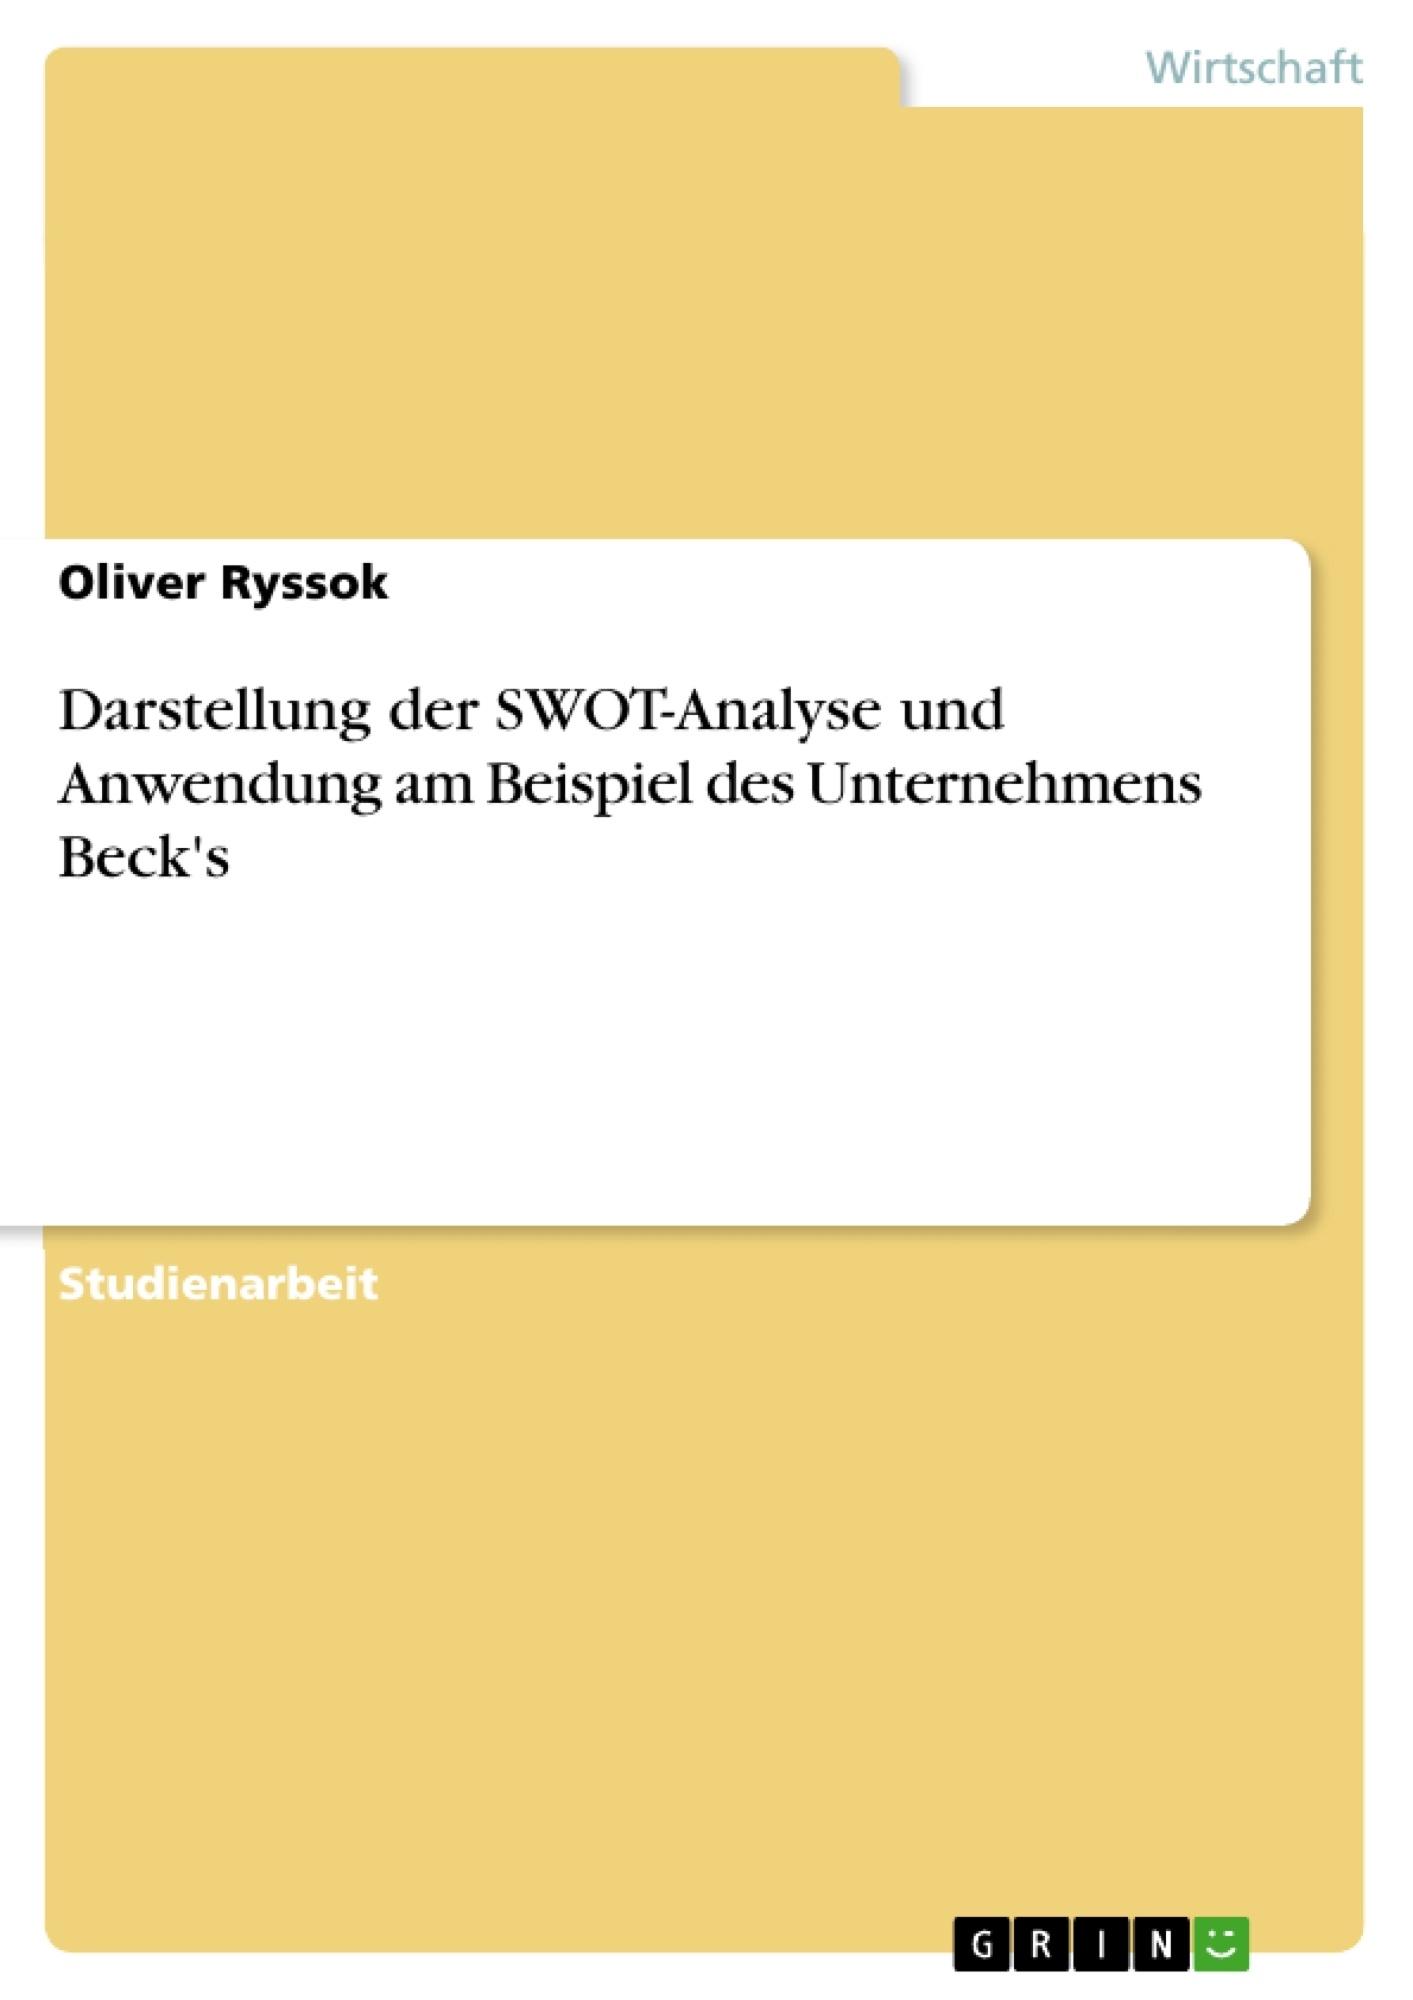 Titel: Darstellung der SWOT-Analyse und Anwendung am Beispiel des Unternehmens Beck's